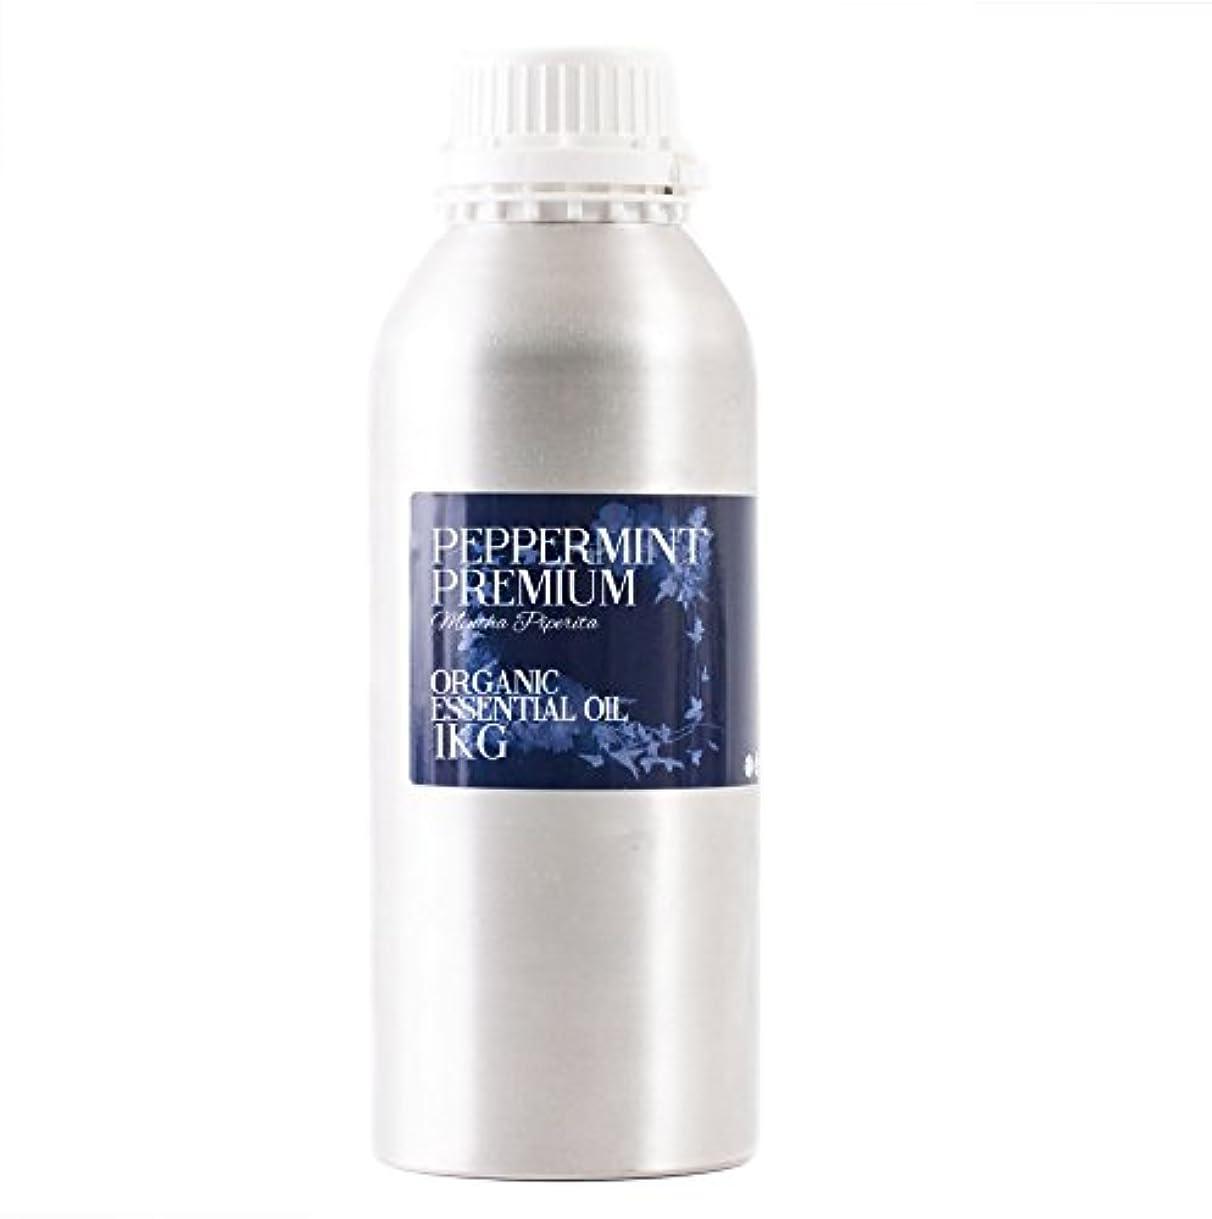 アパル休眠潜在的なMystic Moments | Peppermint Premium Organic Essential Oil - 1Kg - 100% Pure